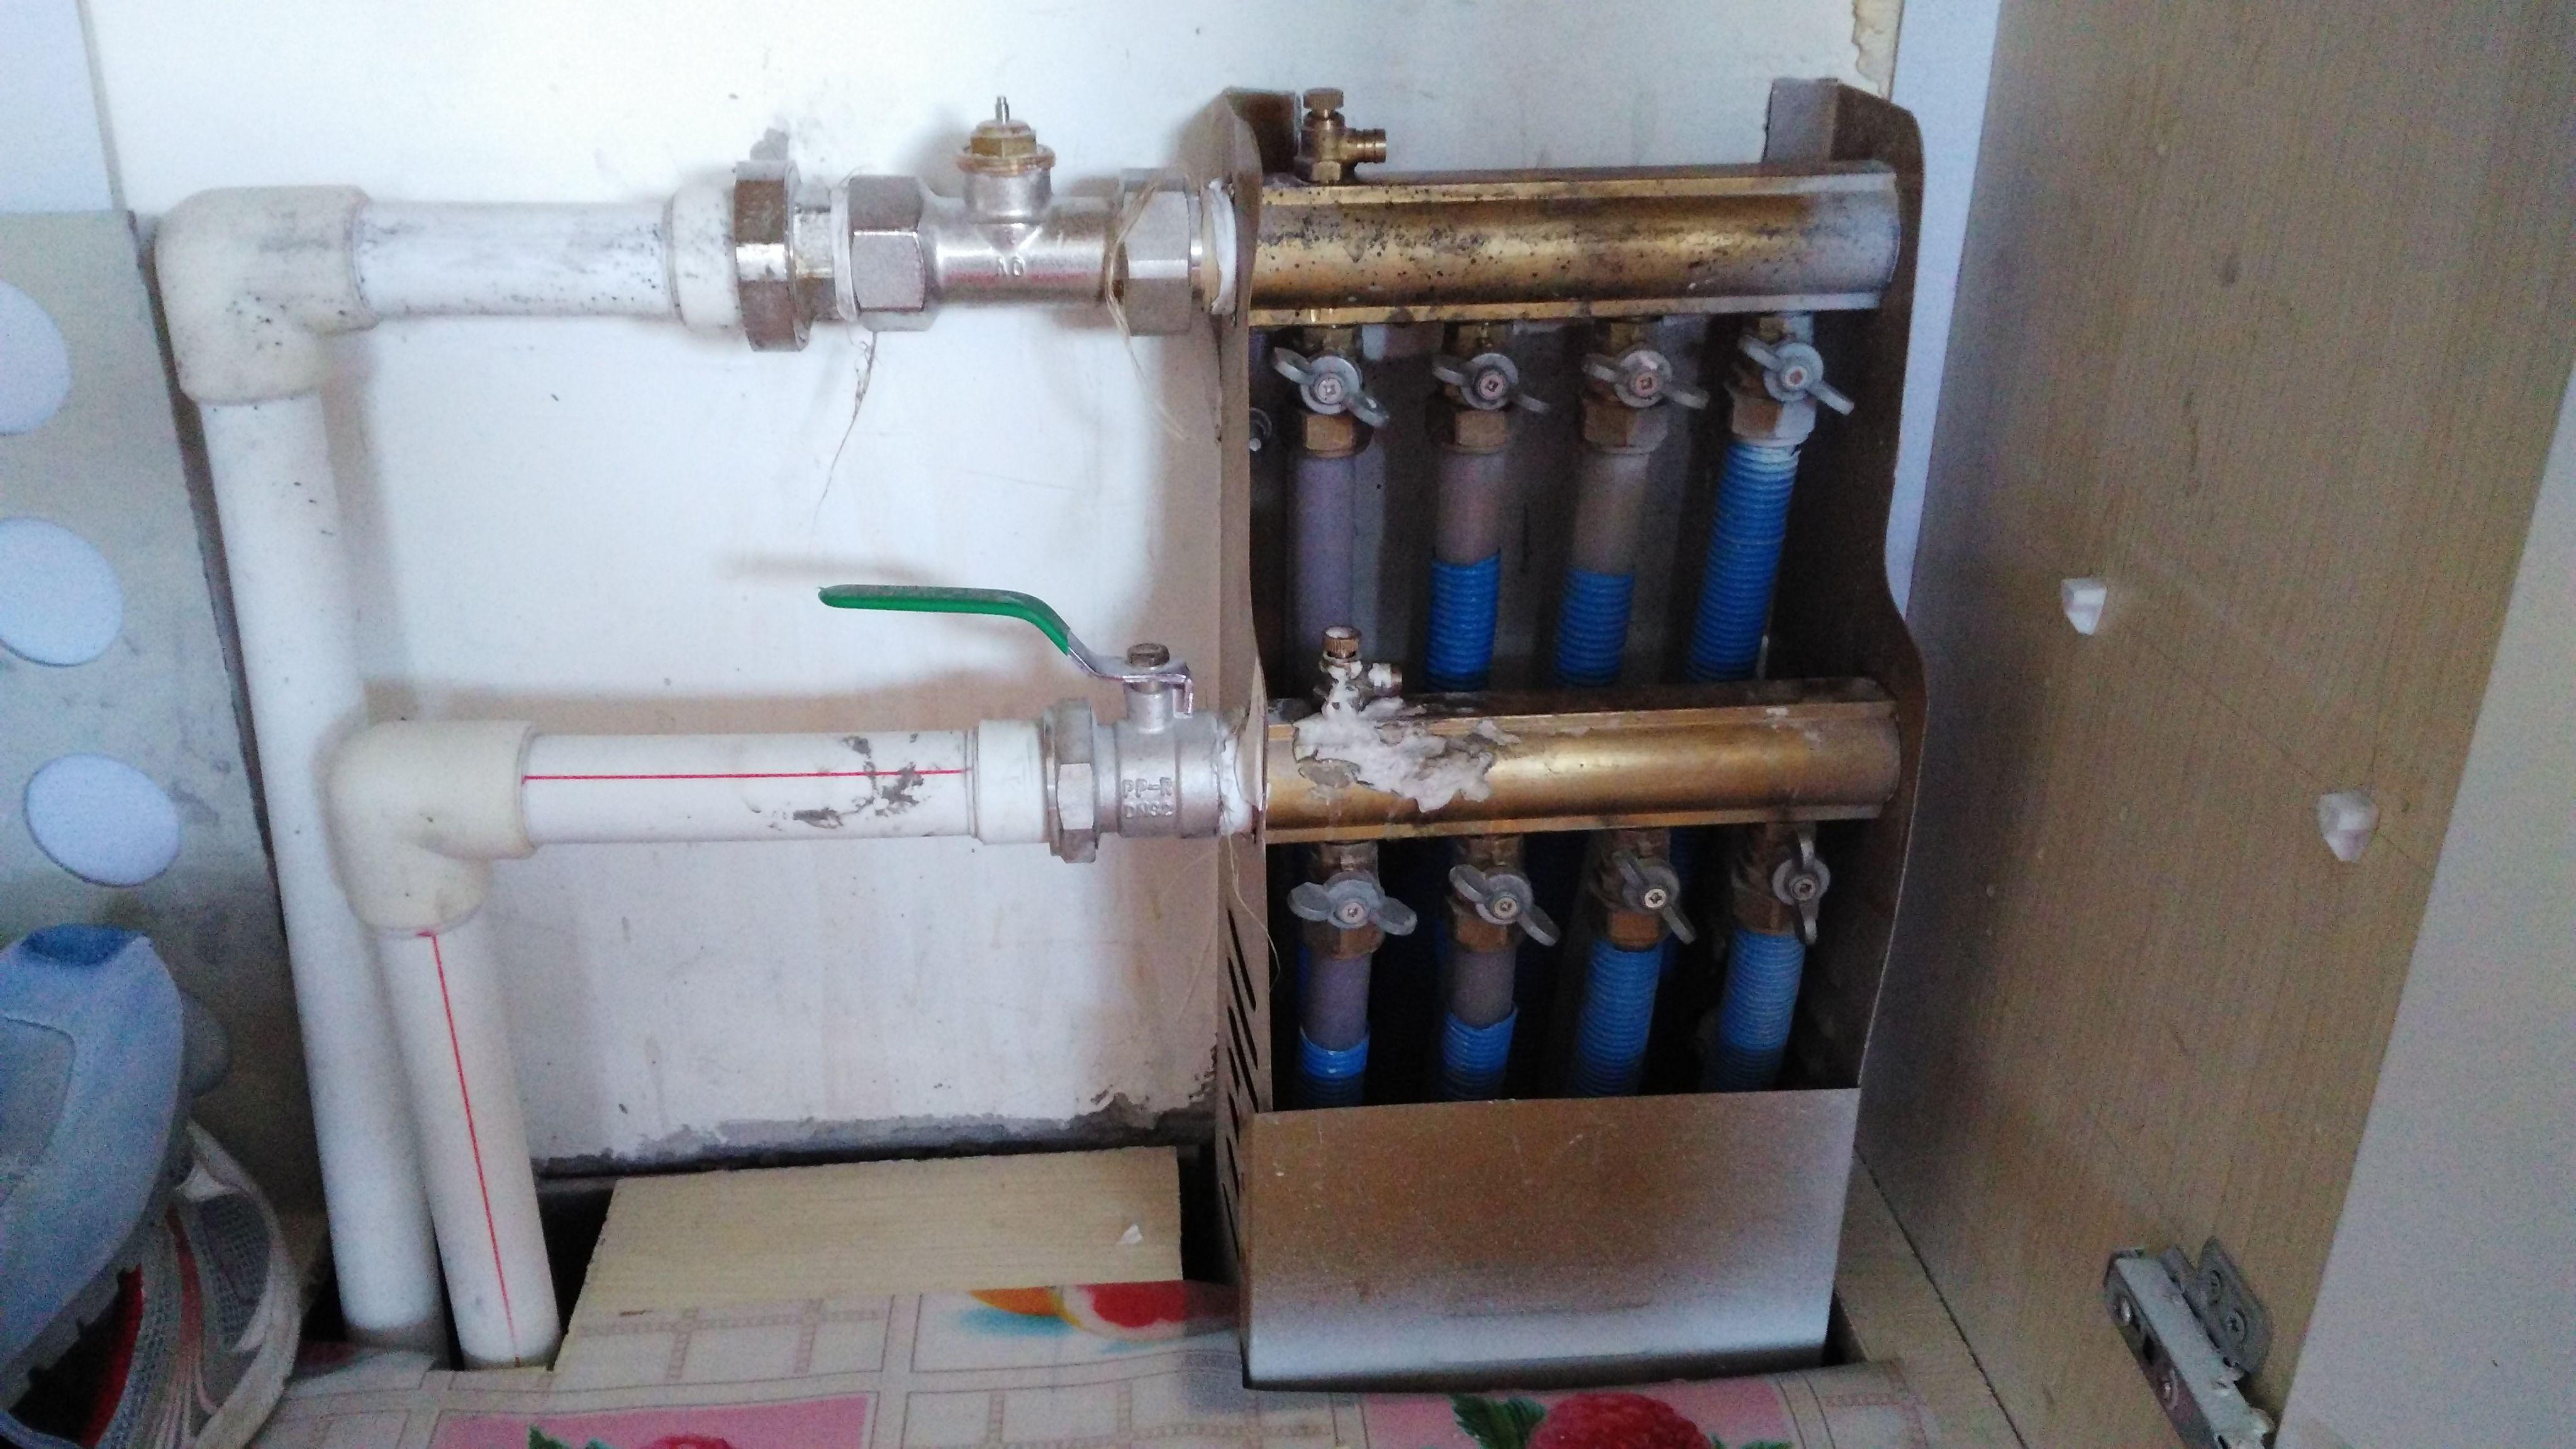 地暖图哪个是进水管?温控阀需要接电吗?图片